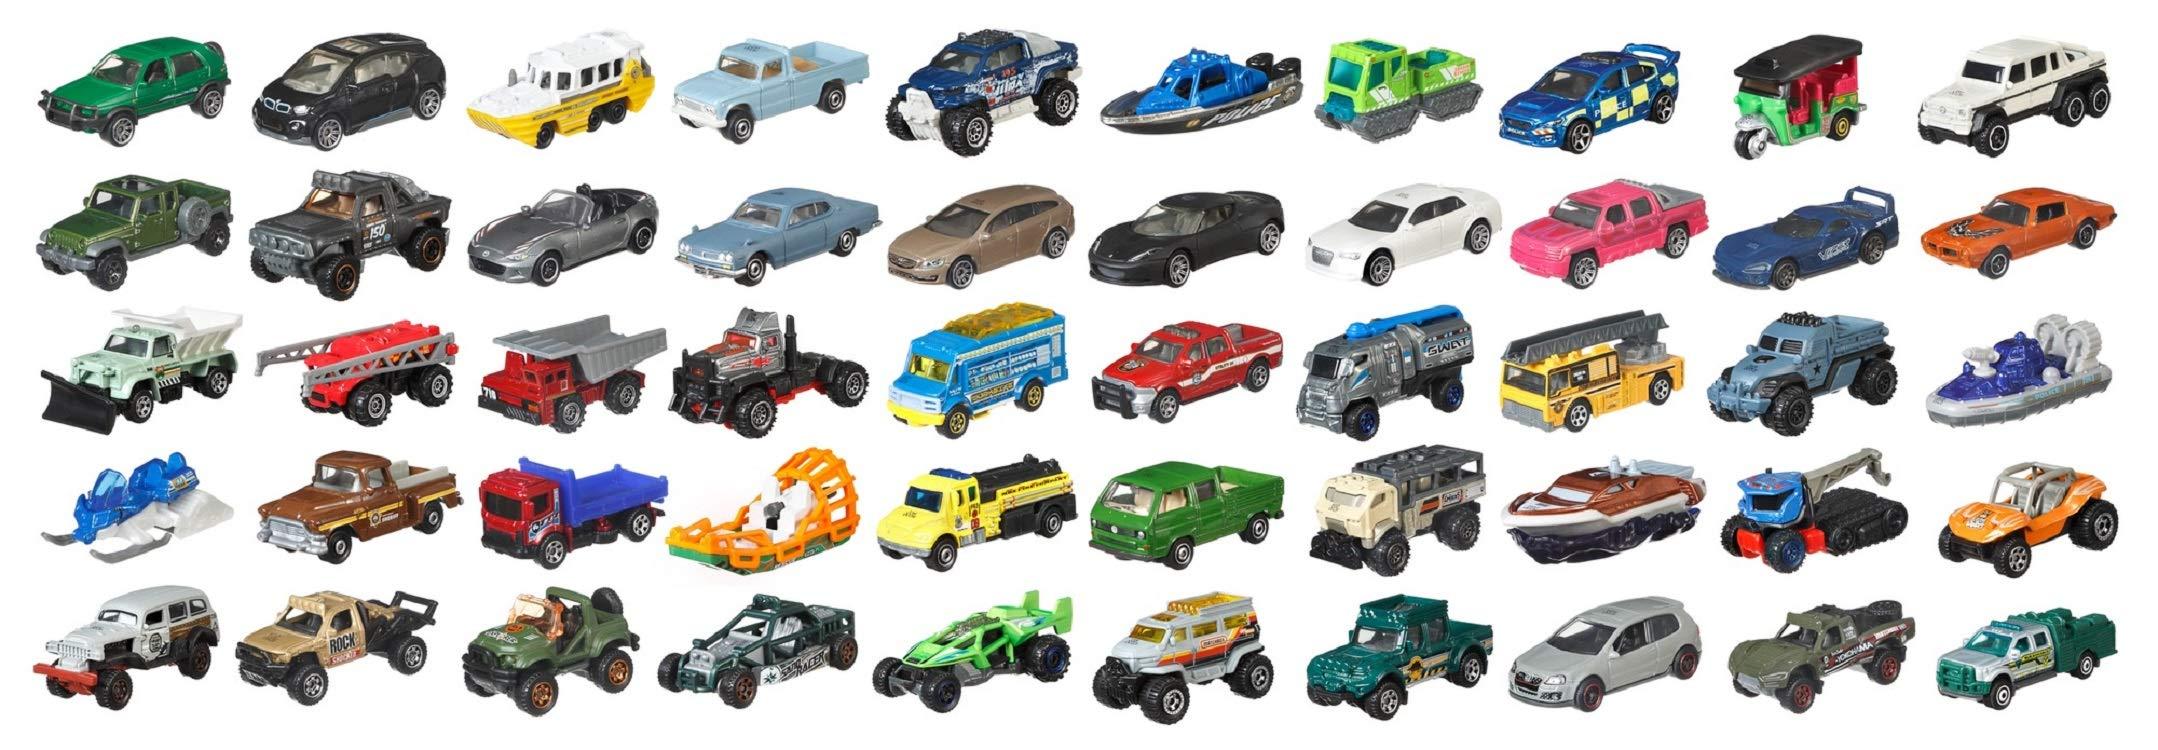 Matchbox Cars Assortment, 50 Pack